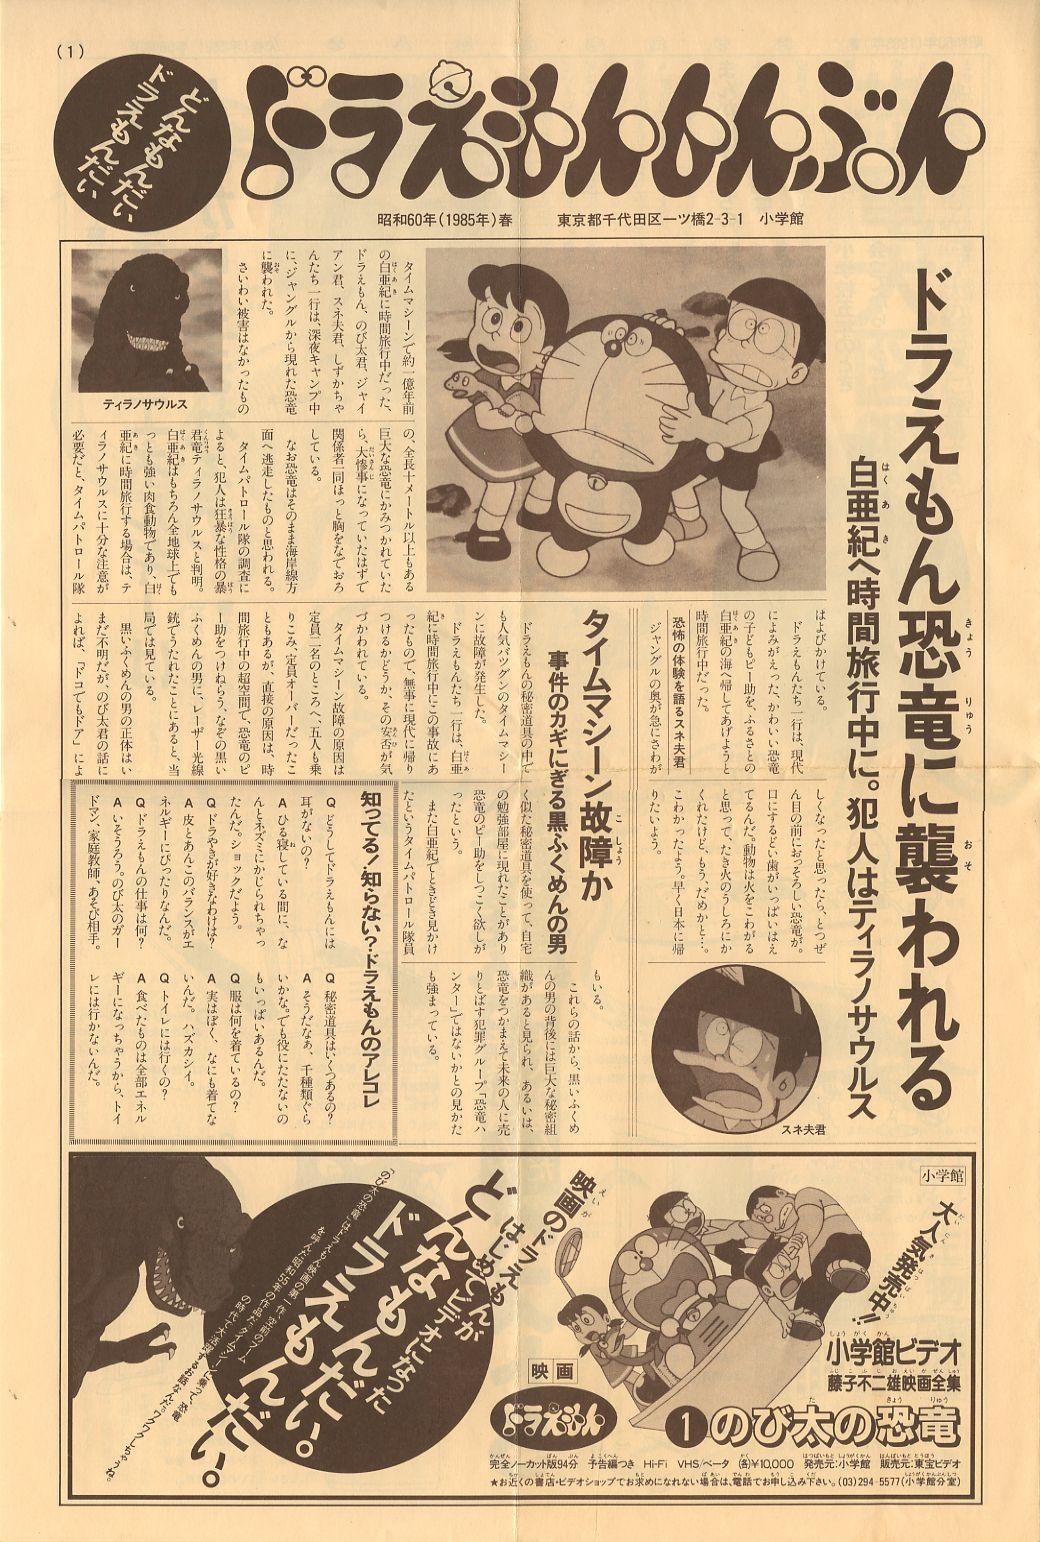 ドラえもんしんぶん 昭和60年(1985年)春 (創刊号) | レトロ ...